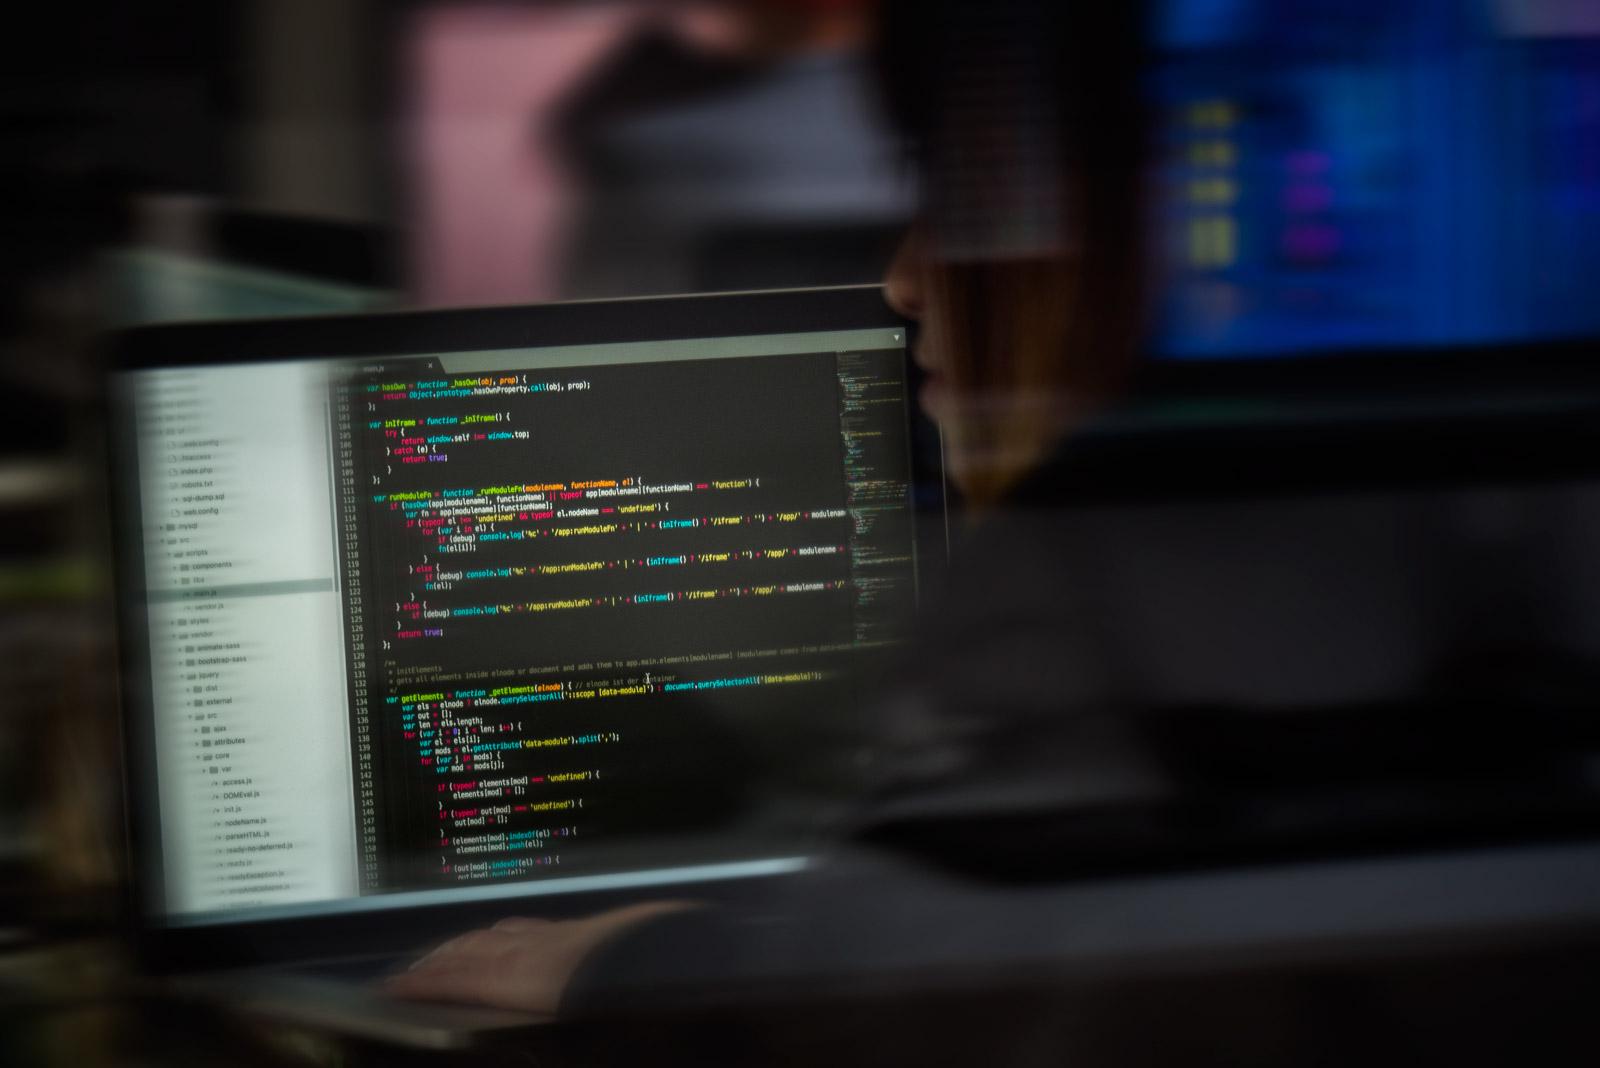 Ya no hay objetivo pequeño: Los hackers atacan a las PYMEs